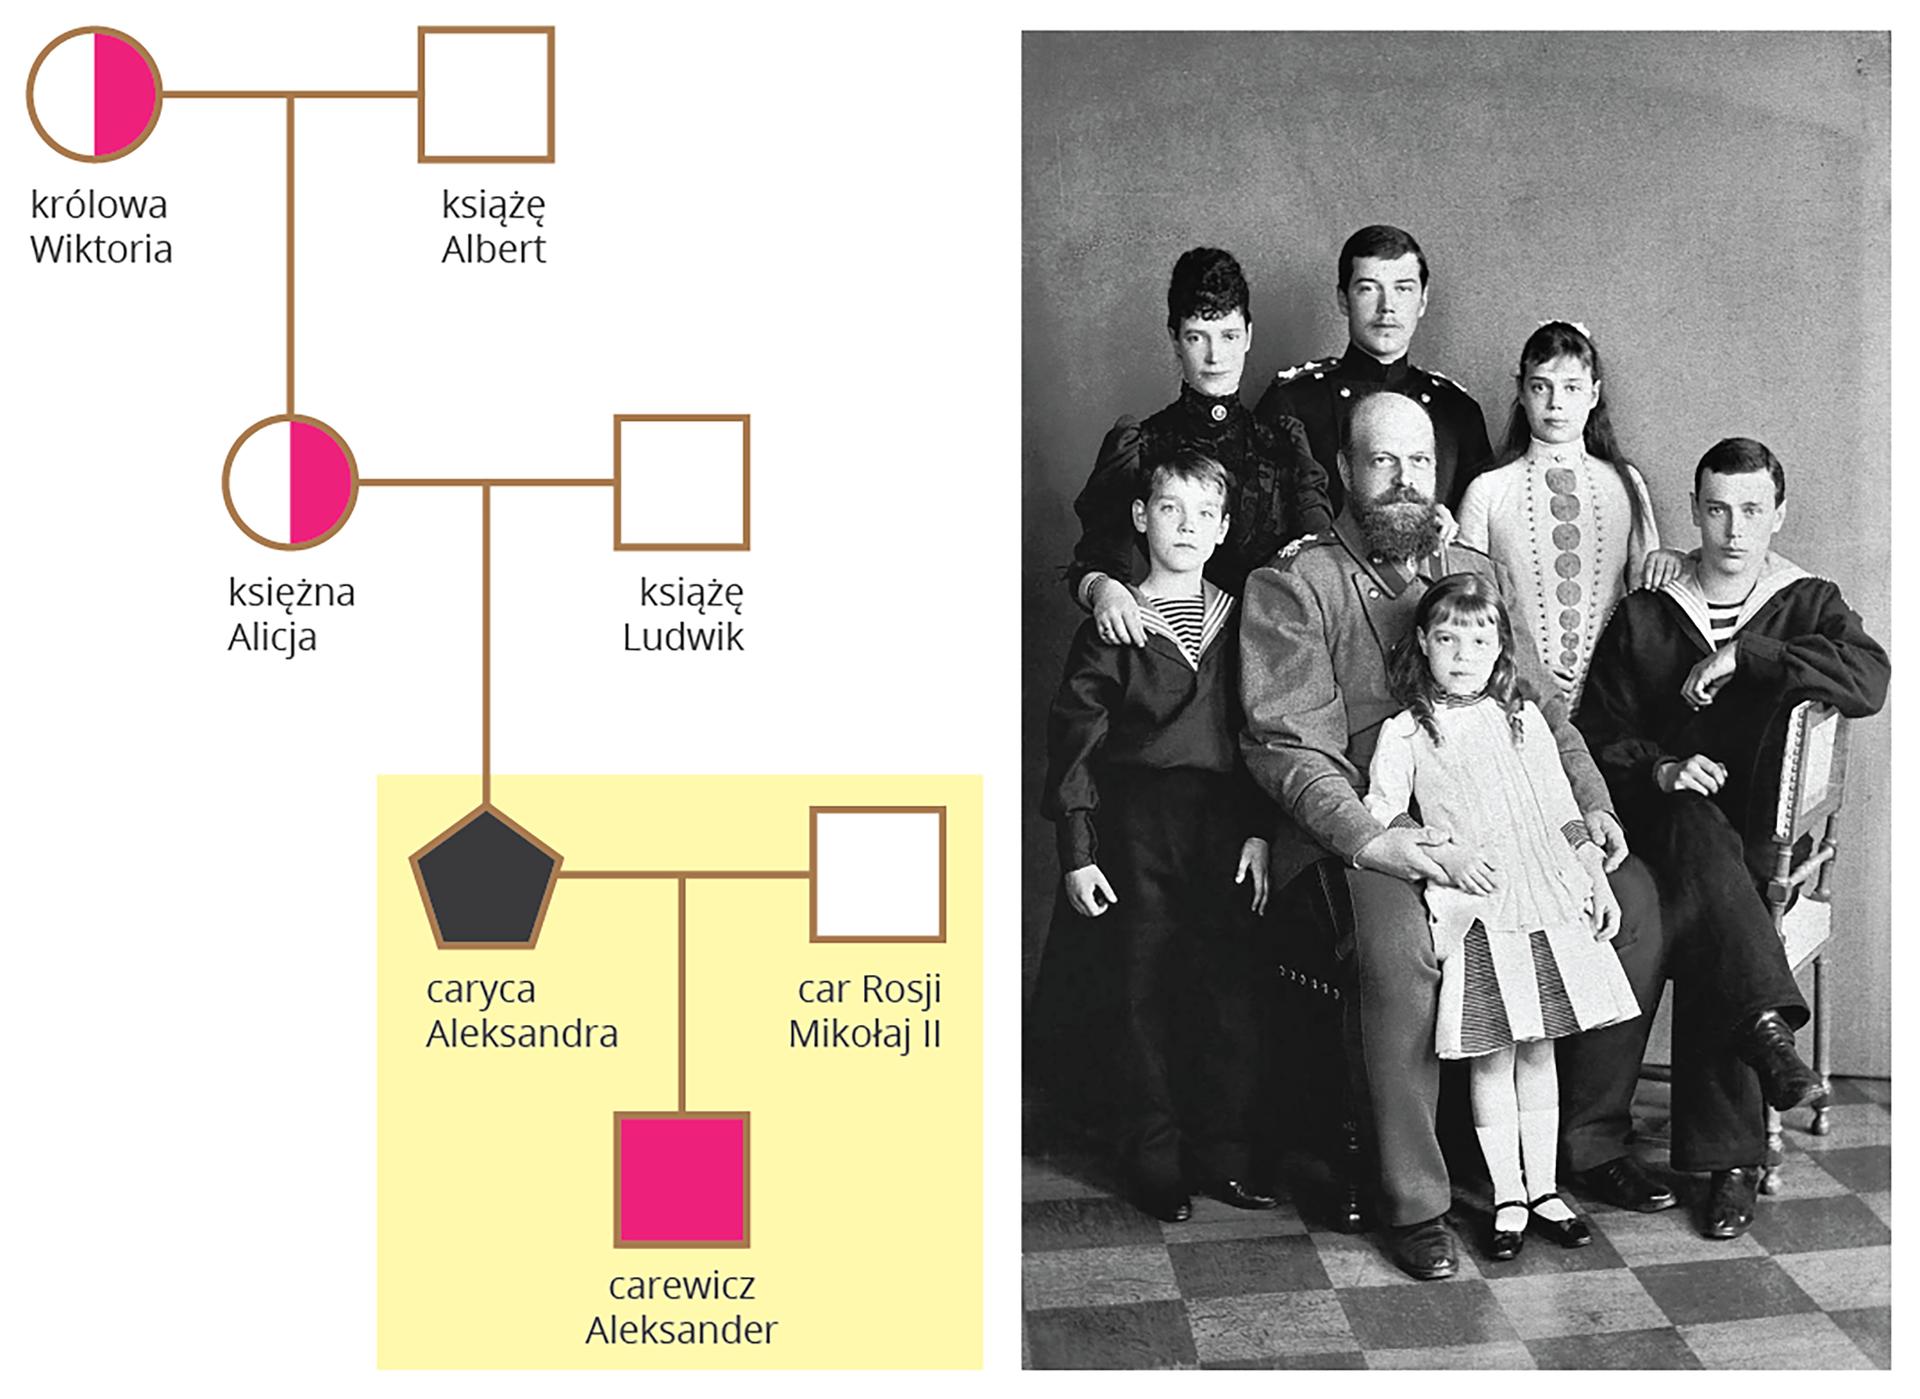 Ilustracja przestawia drzewo rodowe potomków brytyjskiej parykrólewskiej Wiktorii (nosicielki) iAlberta. Mieli dziewięcioro dzieci. Dwie ich córki były nosicielkami, ajeden zsynów chorował na hemofilię. Dzieci zawierały małżeństwa. Za pomocą pomarańczowych kulek zaznaczono kobiety zdrowe, aza pomocą żółtych kobiety nosicielki allelu hemofilii. Kwadraty zielone oznaczają zdrowych mężczyzn, aróżowe chorych na hemofilię. Analizie poddano trzy pokolenia potomne. Na dole podpisy: obecnie panująca brytyjska rodzina królewska wolna od hemofilii. Niemiecka rodzina królewska dwóch chorych władców. Rosyjska rodzina królewska jedna nosicielka ijeden chory. Boczna gałąź brytyjskiej rodziny królewskiej jedna nosicielka, dwóch chorych. Hiszpańska rodzina królewska dwie nosicielki iczterech chorych. Nie analizowanych dalszych potomków przedstawiono wformie szarych pięciokątów zcyfrą.